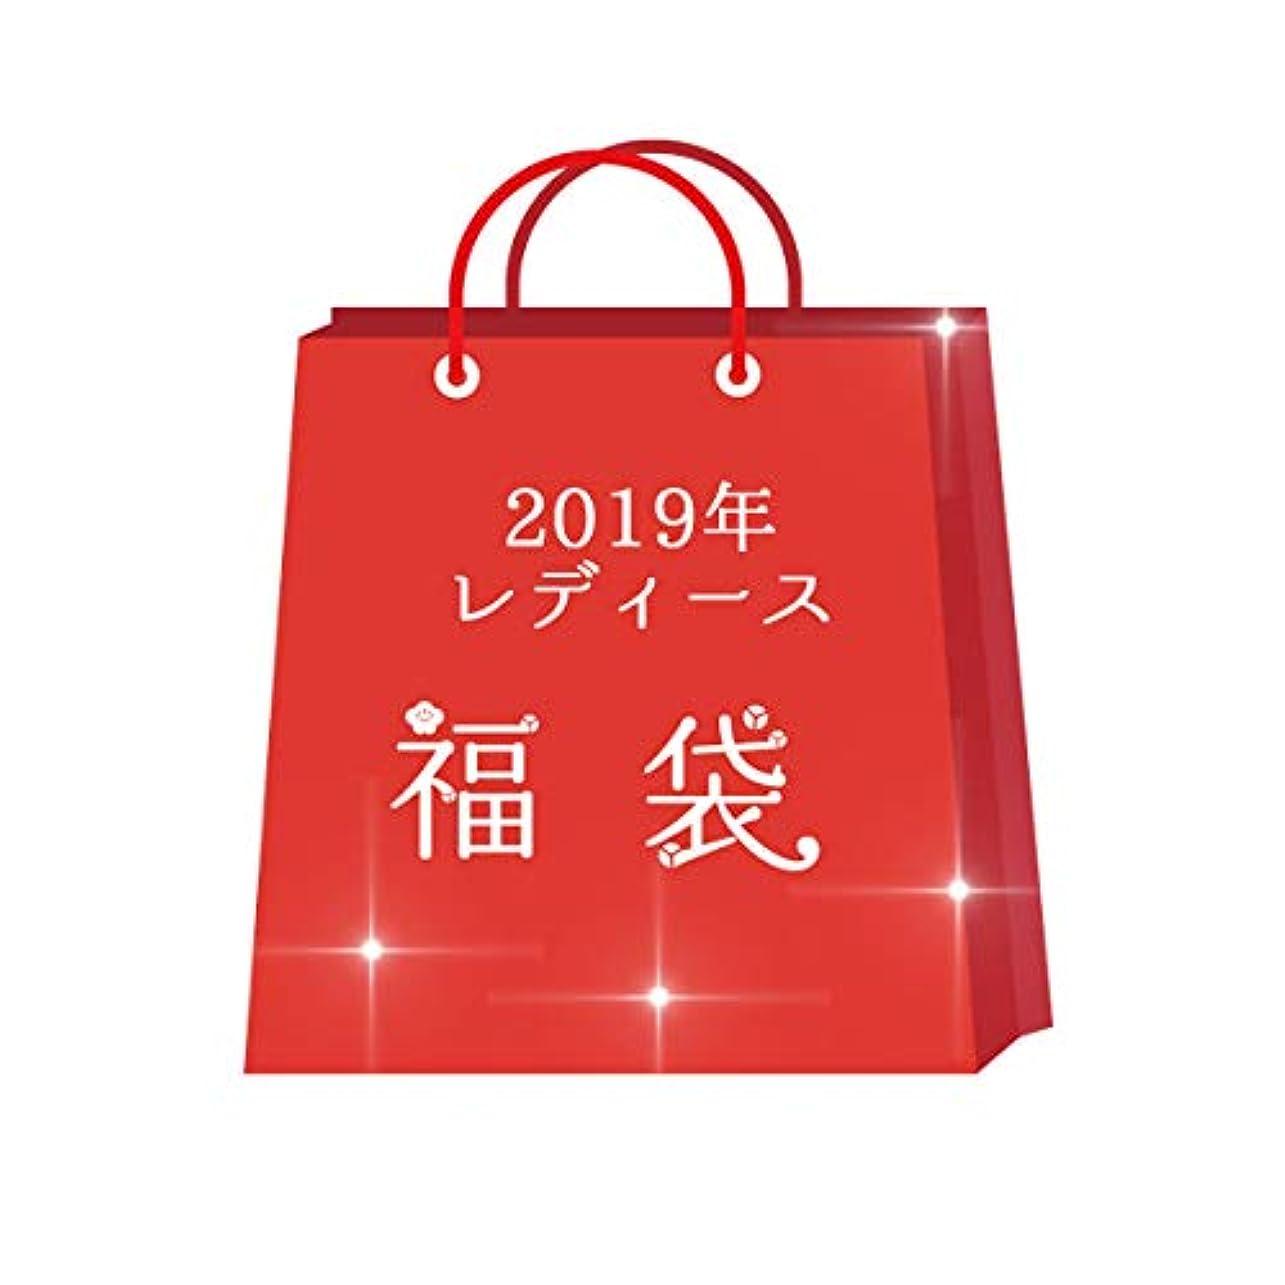 以前は賞賛食器棚2019年福袋 ◆ レディース 福袋 No.997 香水